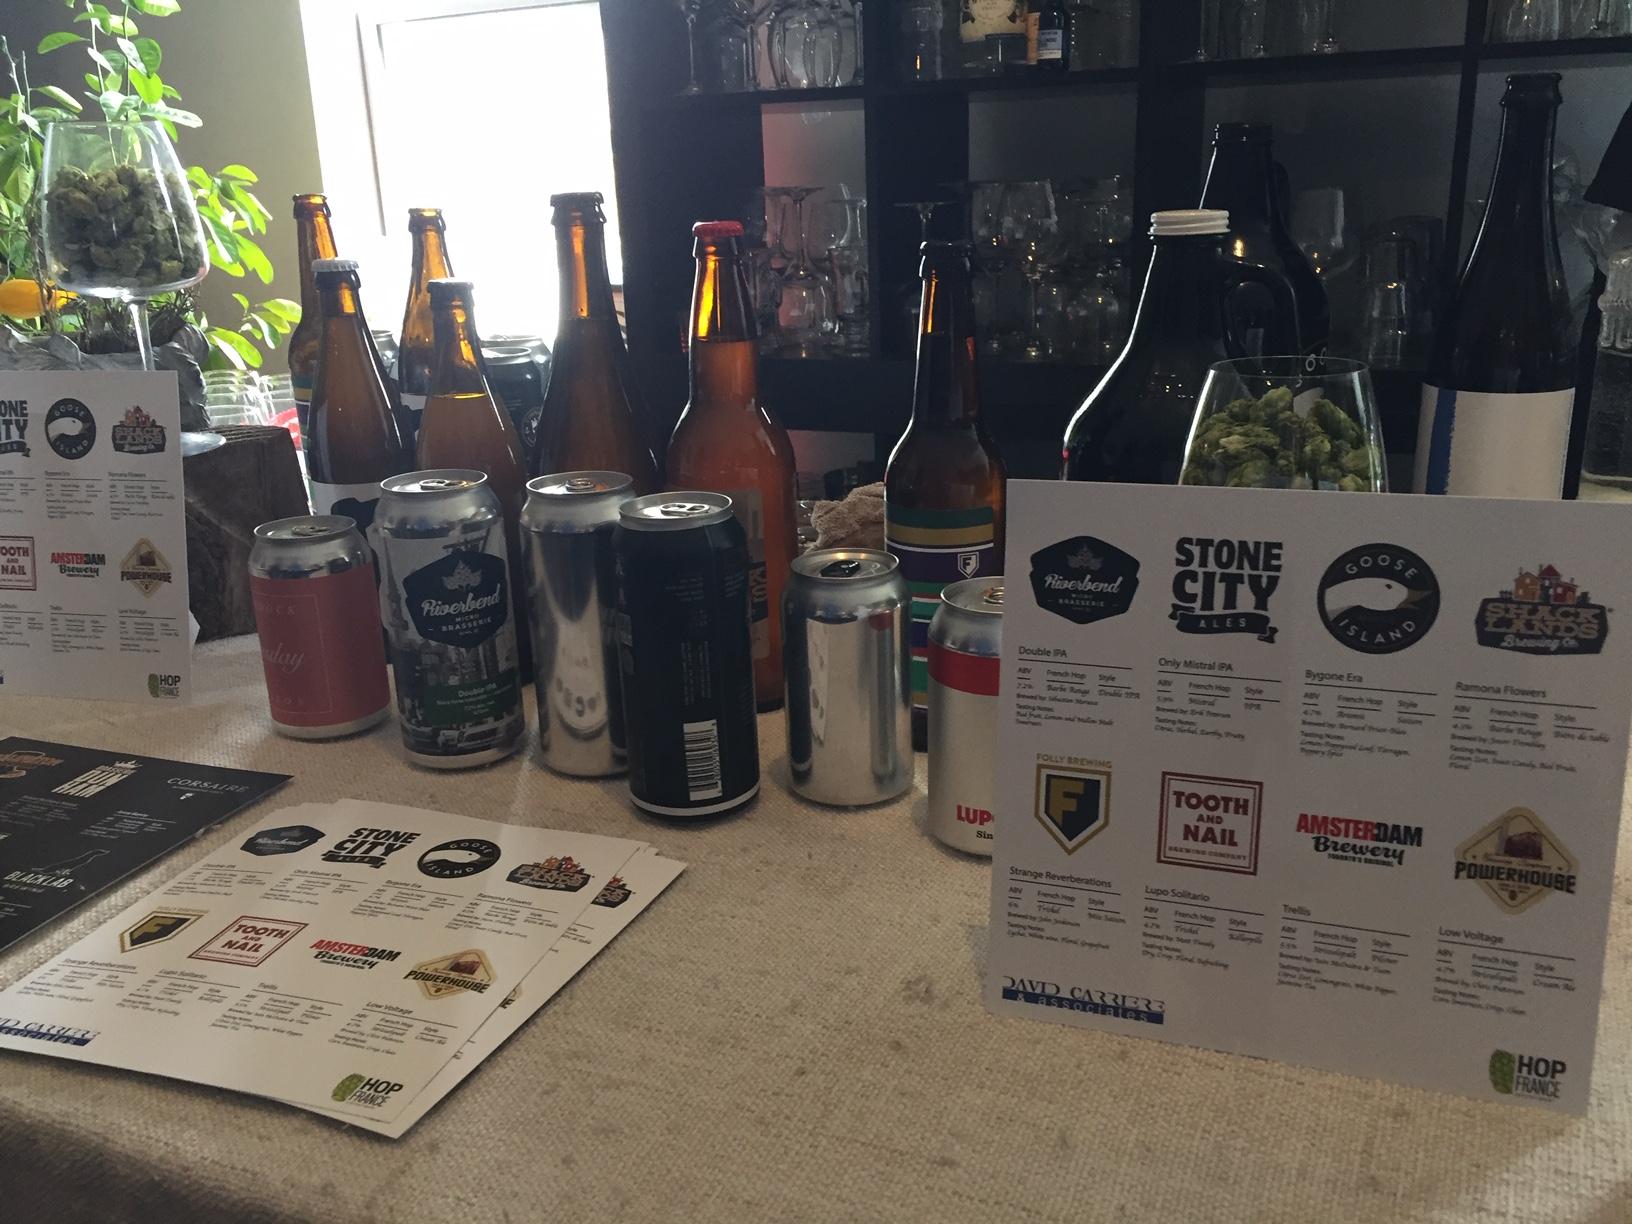 Bières commerciales aux houblons alsaciens